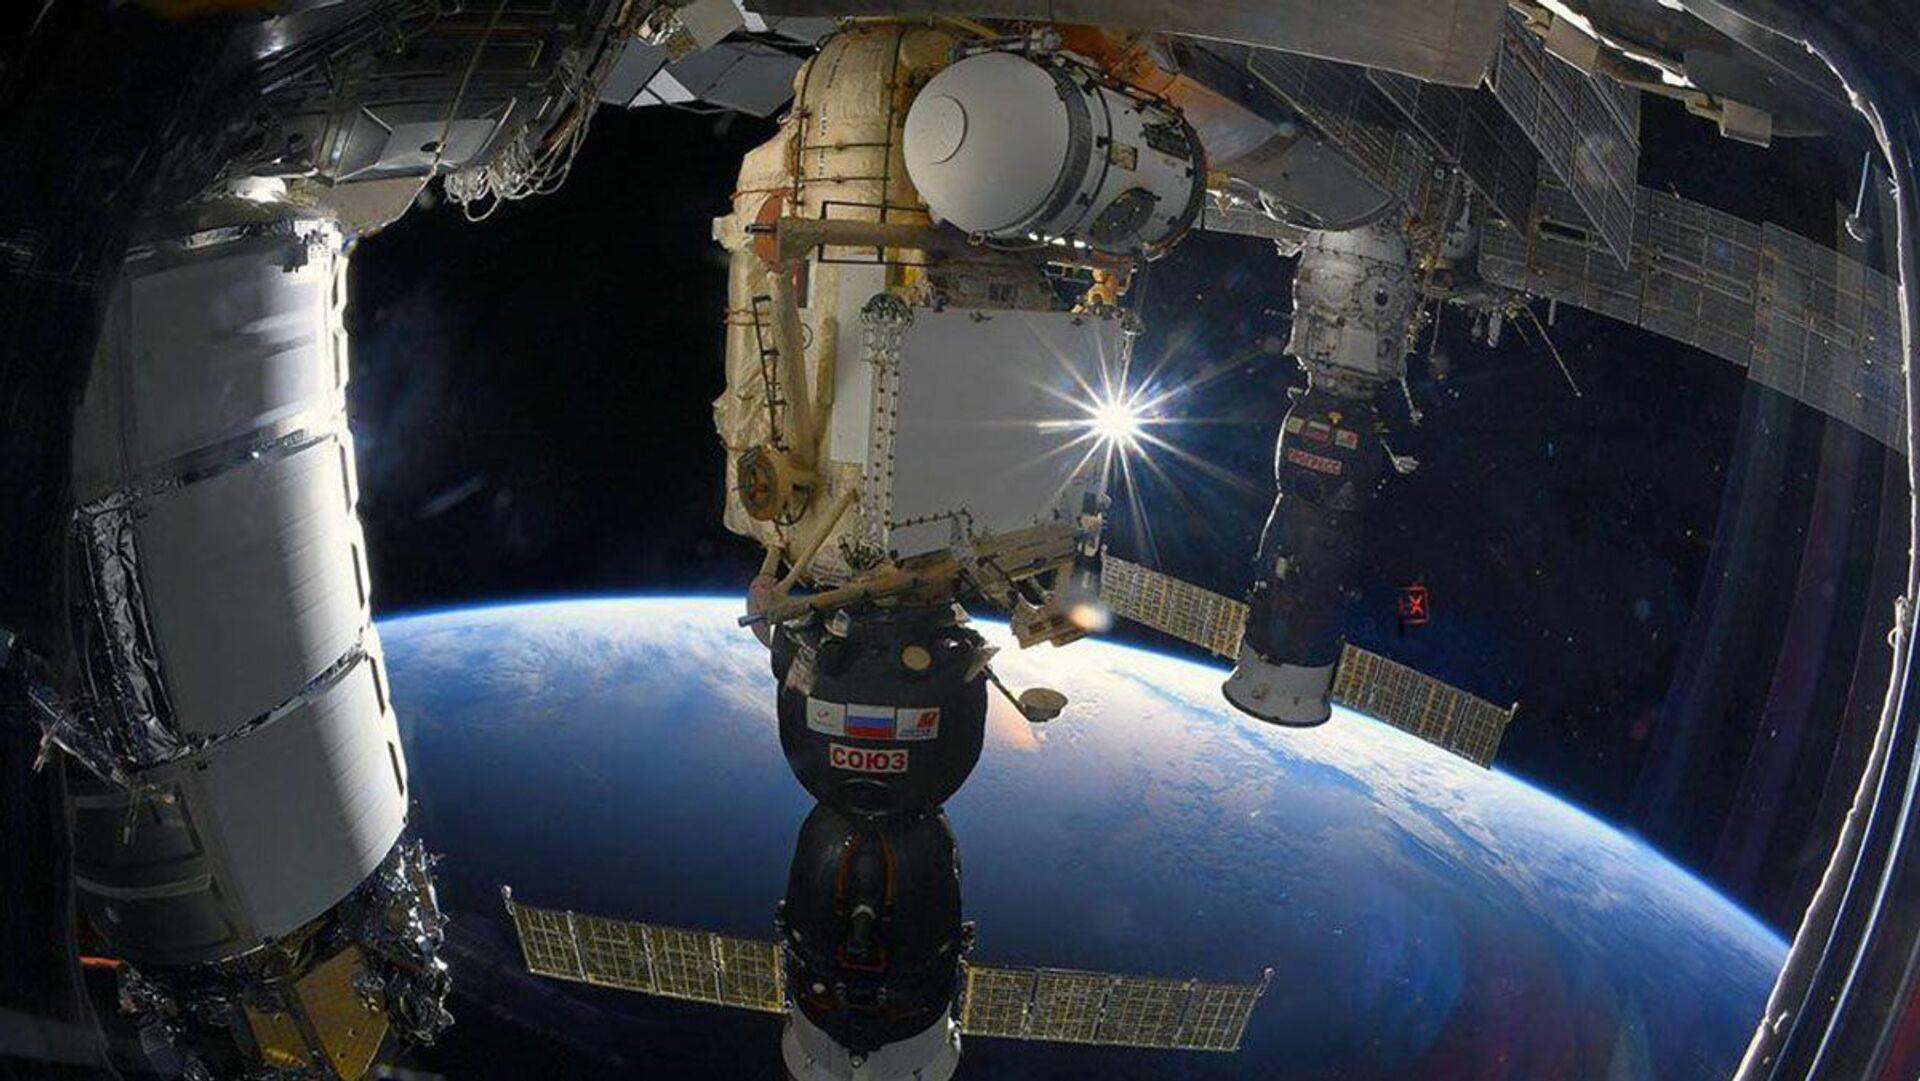 Navicella spaziale Soyuz sulla Stazione Spaziale Internazionale (ISS) - Sputnik Italia, 1920, 01.03.2021